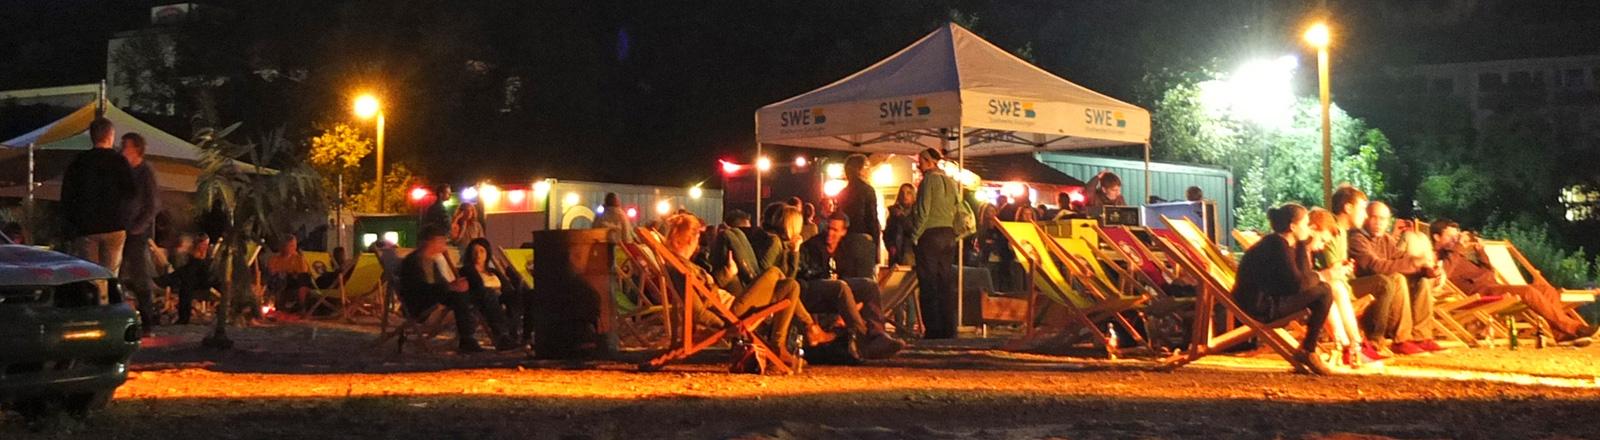 Menschen sitzen auf Klappstühlen draußen. Es ist Nacht und bunte Lampen leuchten.